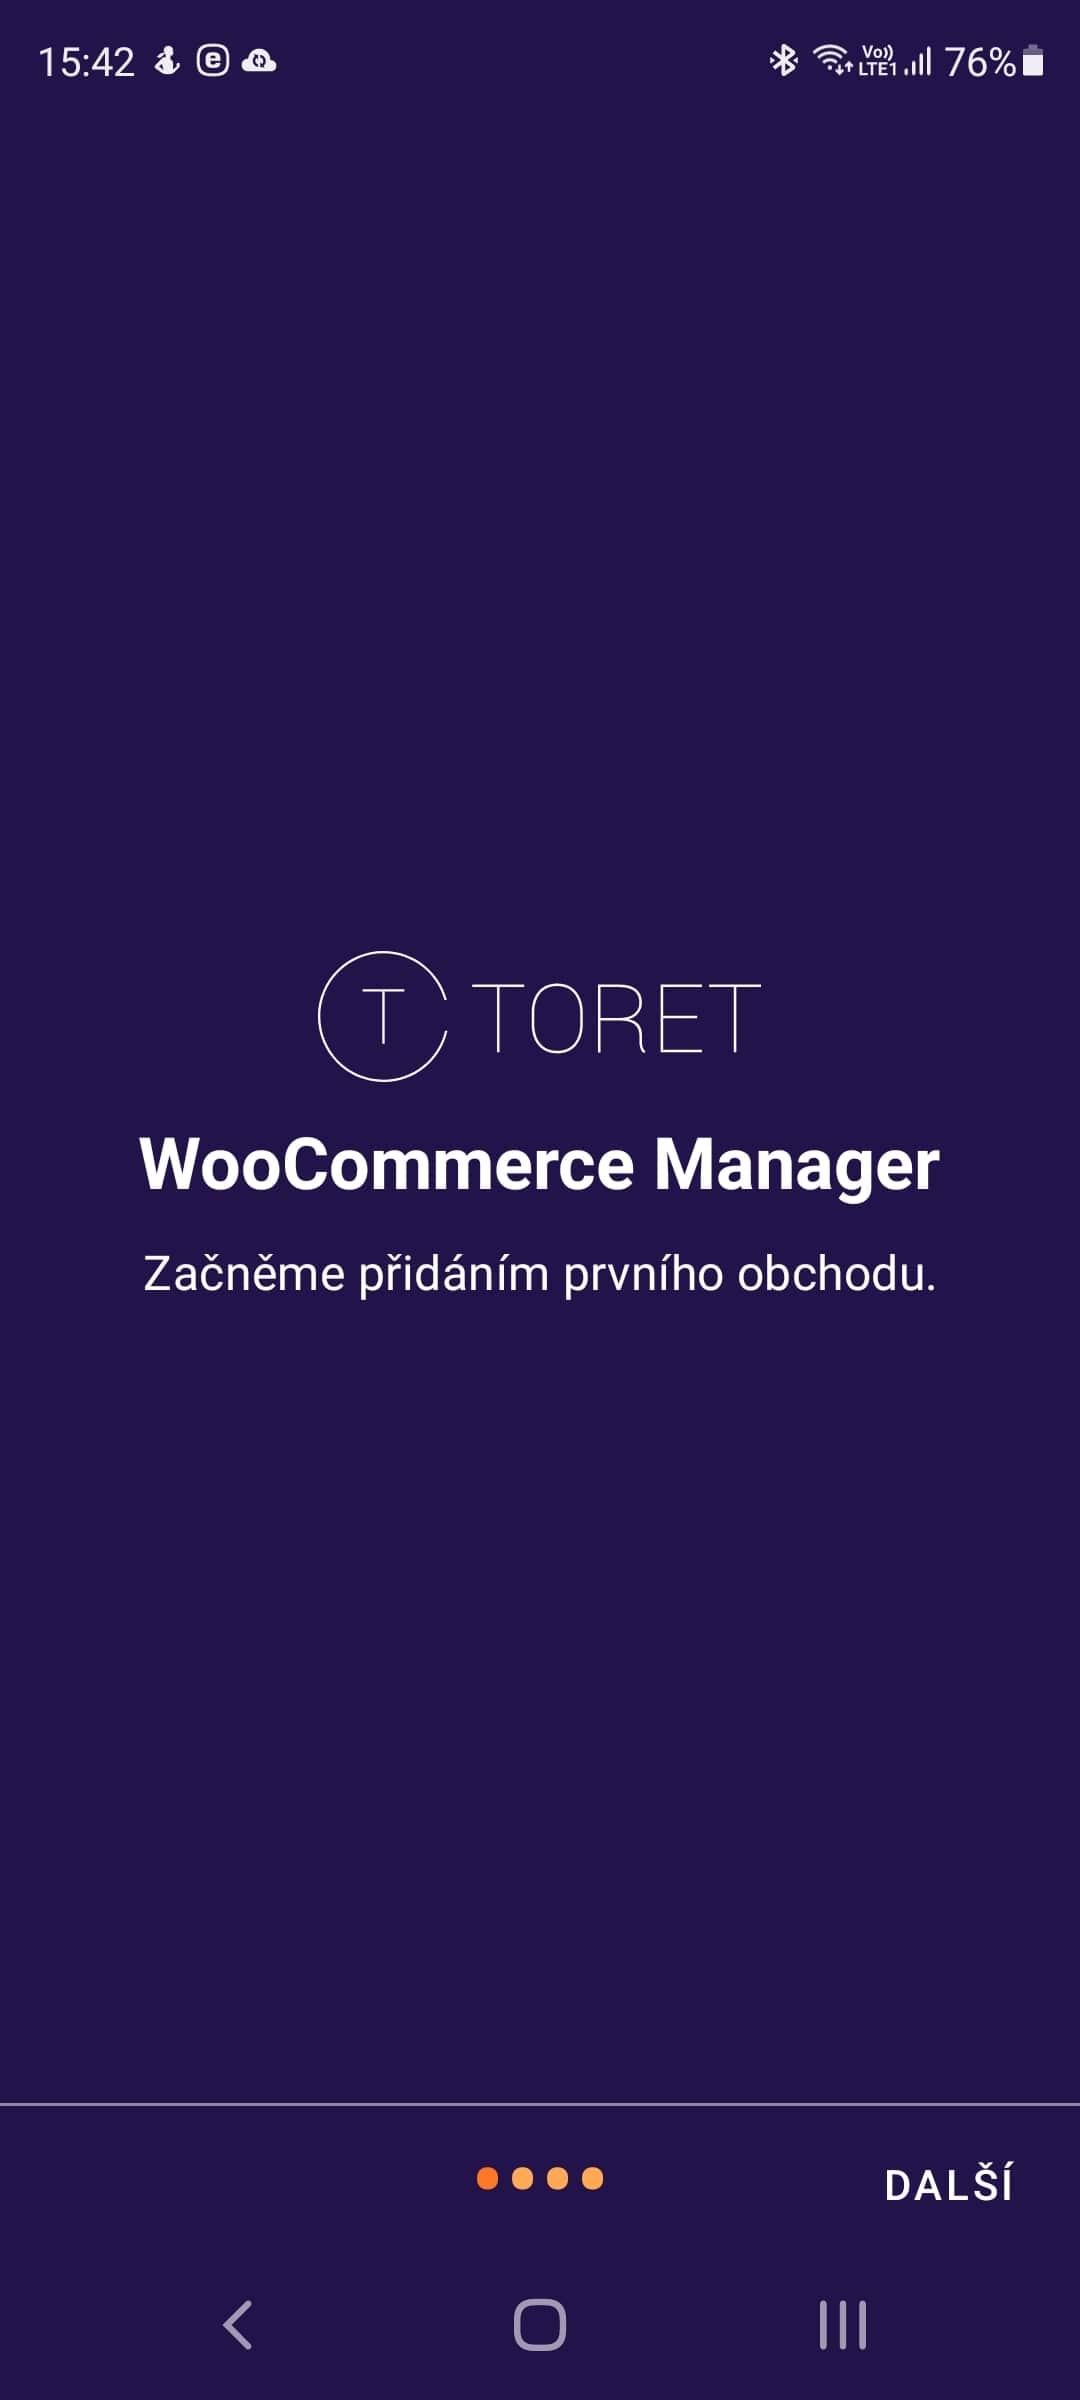 Toret WooCommerce Manager - Průvodce přidáním prvního obchodu